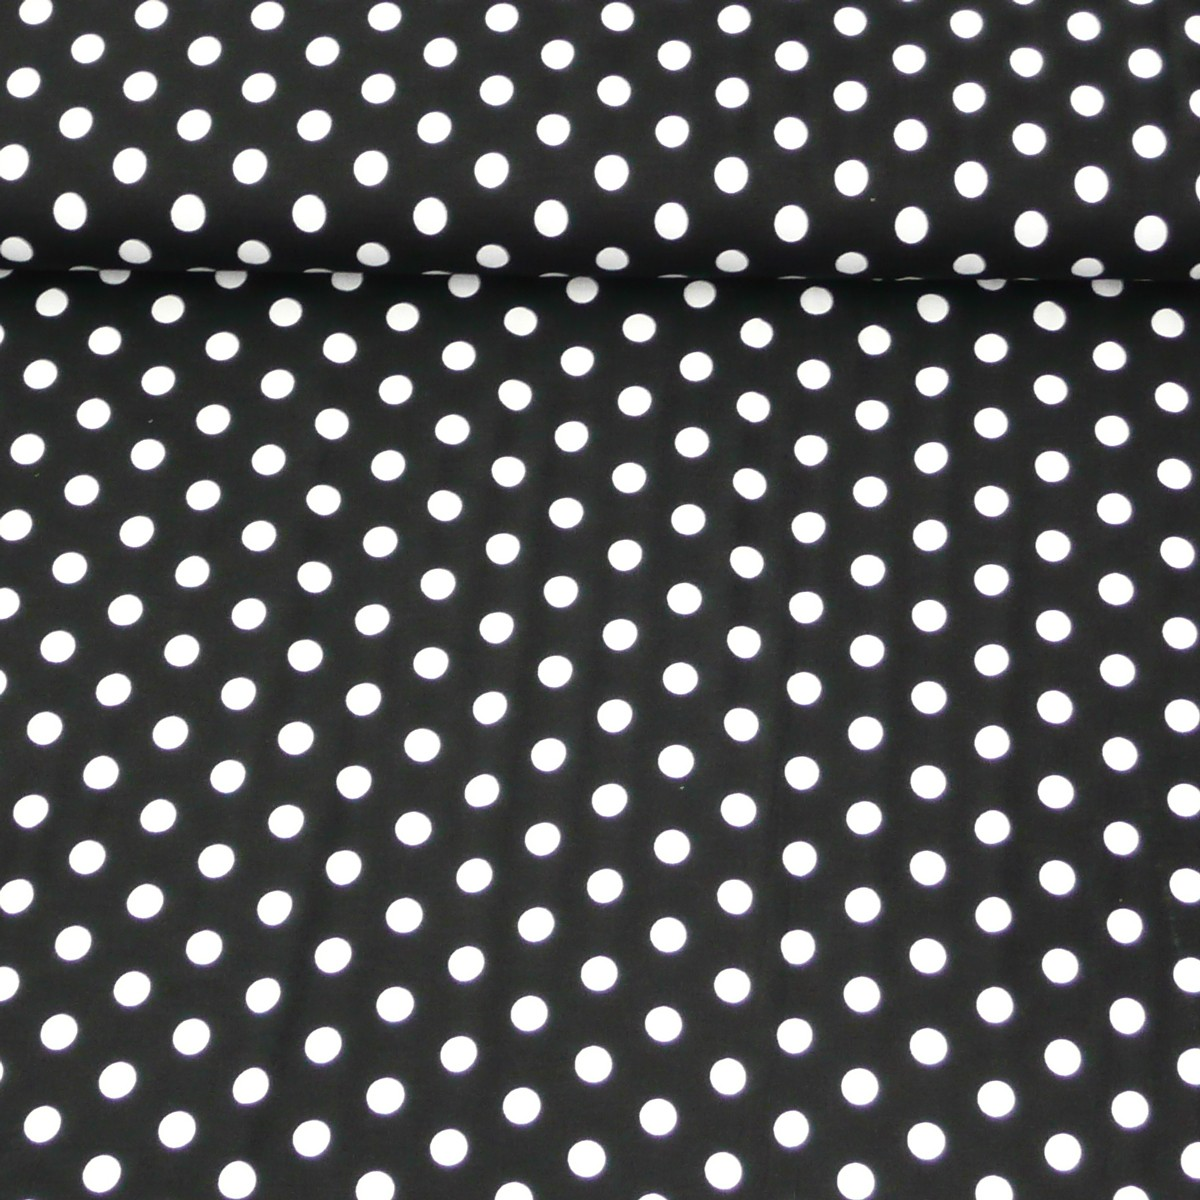 jersey viskose schwarz wei punkte gro stoffe stoffe gemustert stoff punkte. Black Bedroom Furniture Sets. Home Design Ideas